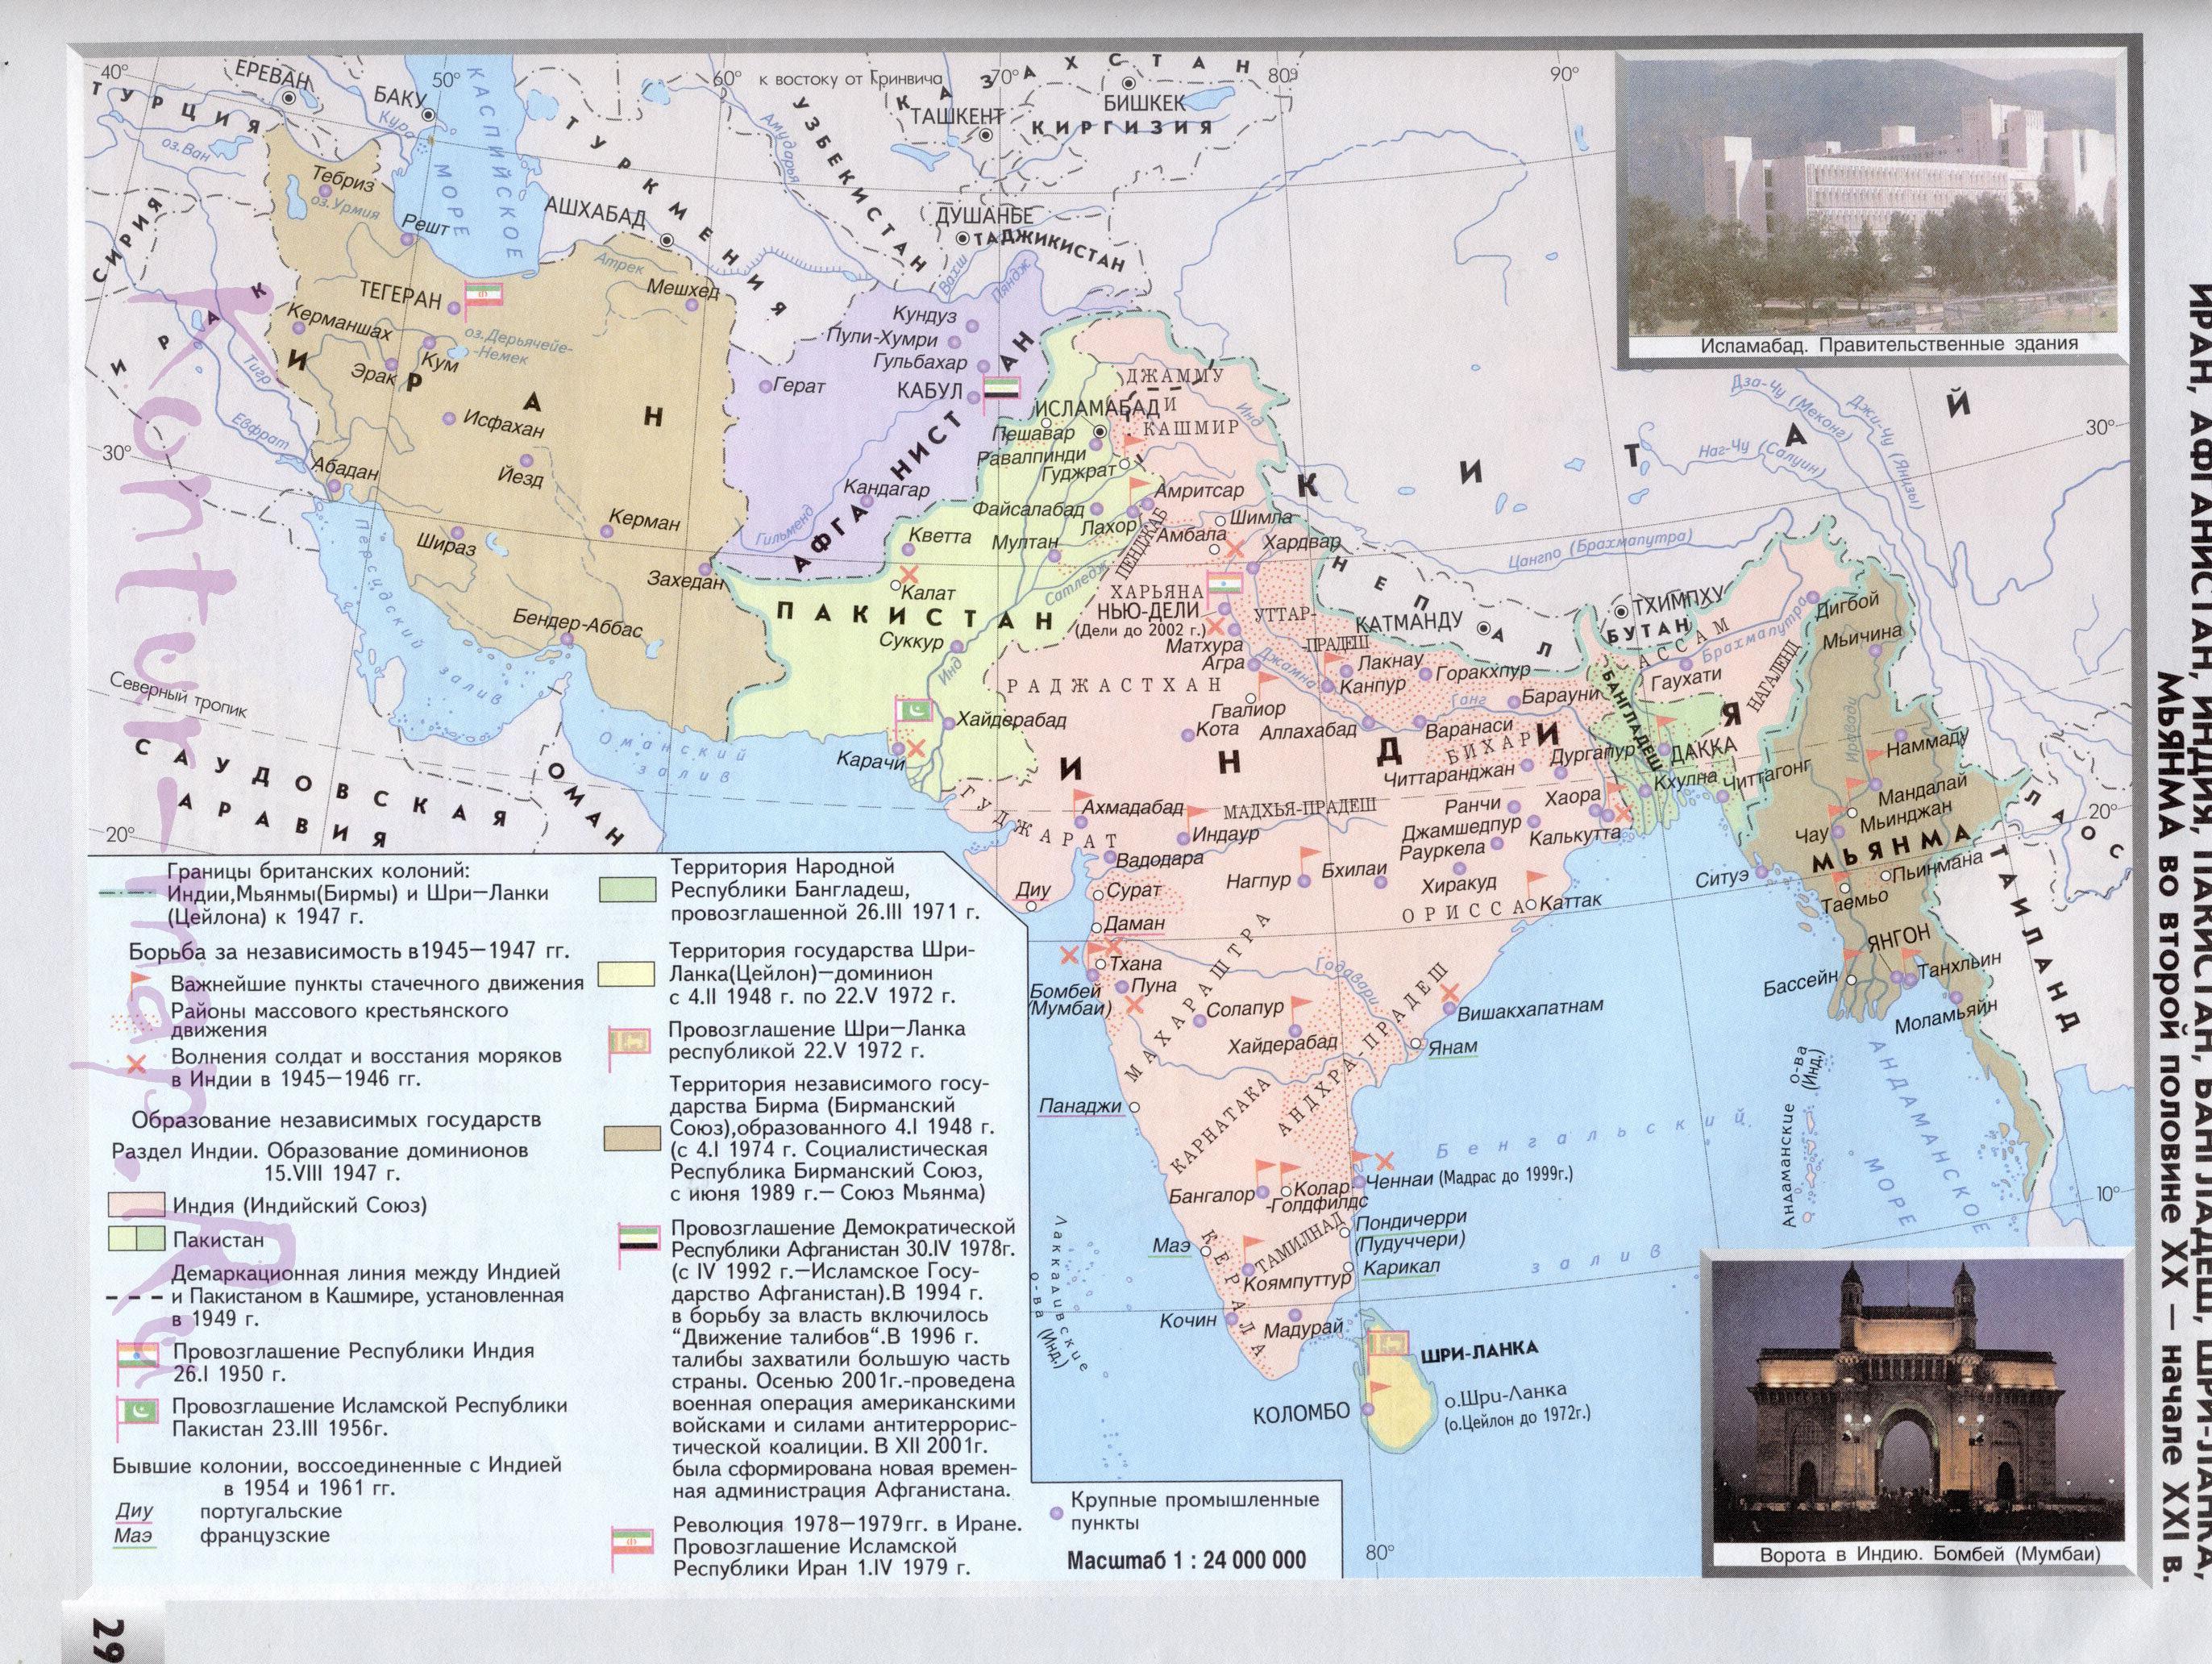 Скачать карту Индии и соседних государств во второй половине 20 века.